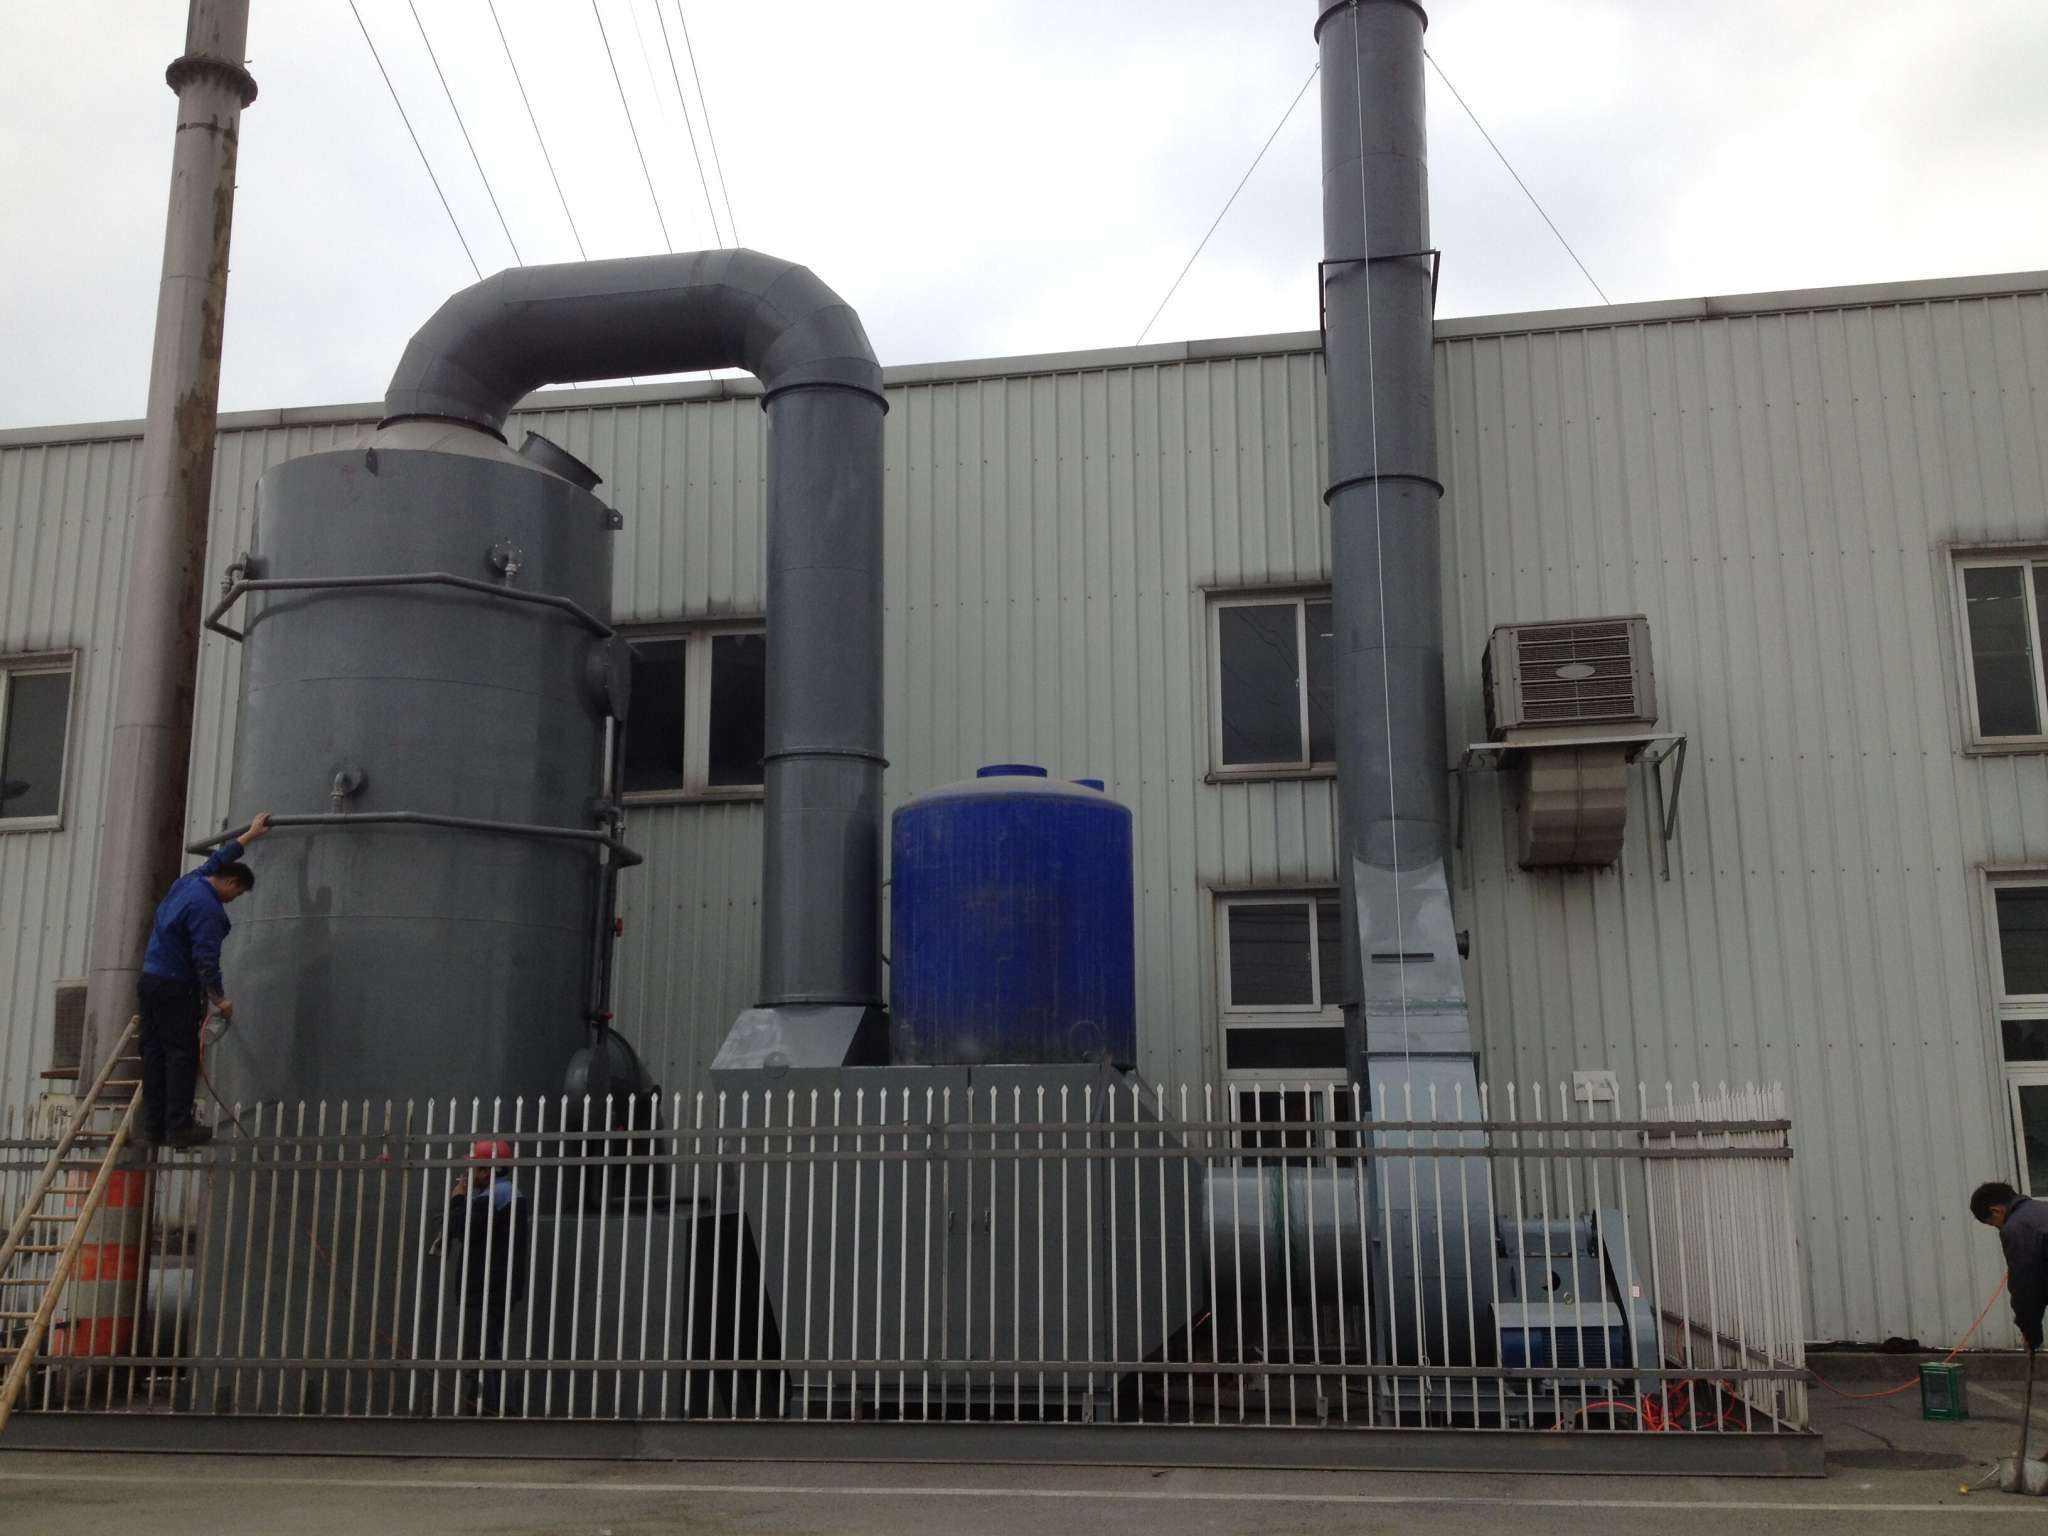 浙江印刷废气治理厂家 苏州信誉好的废气治理公司是哪家